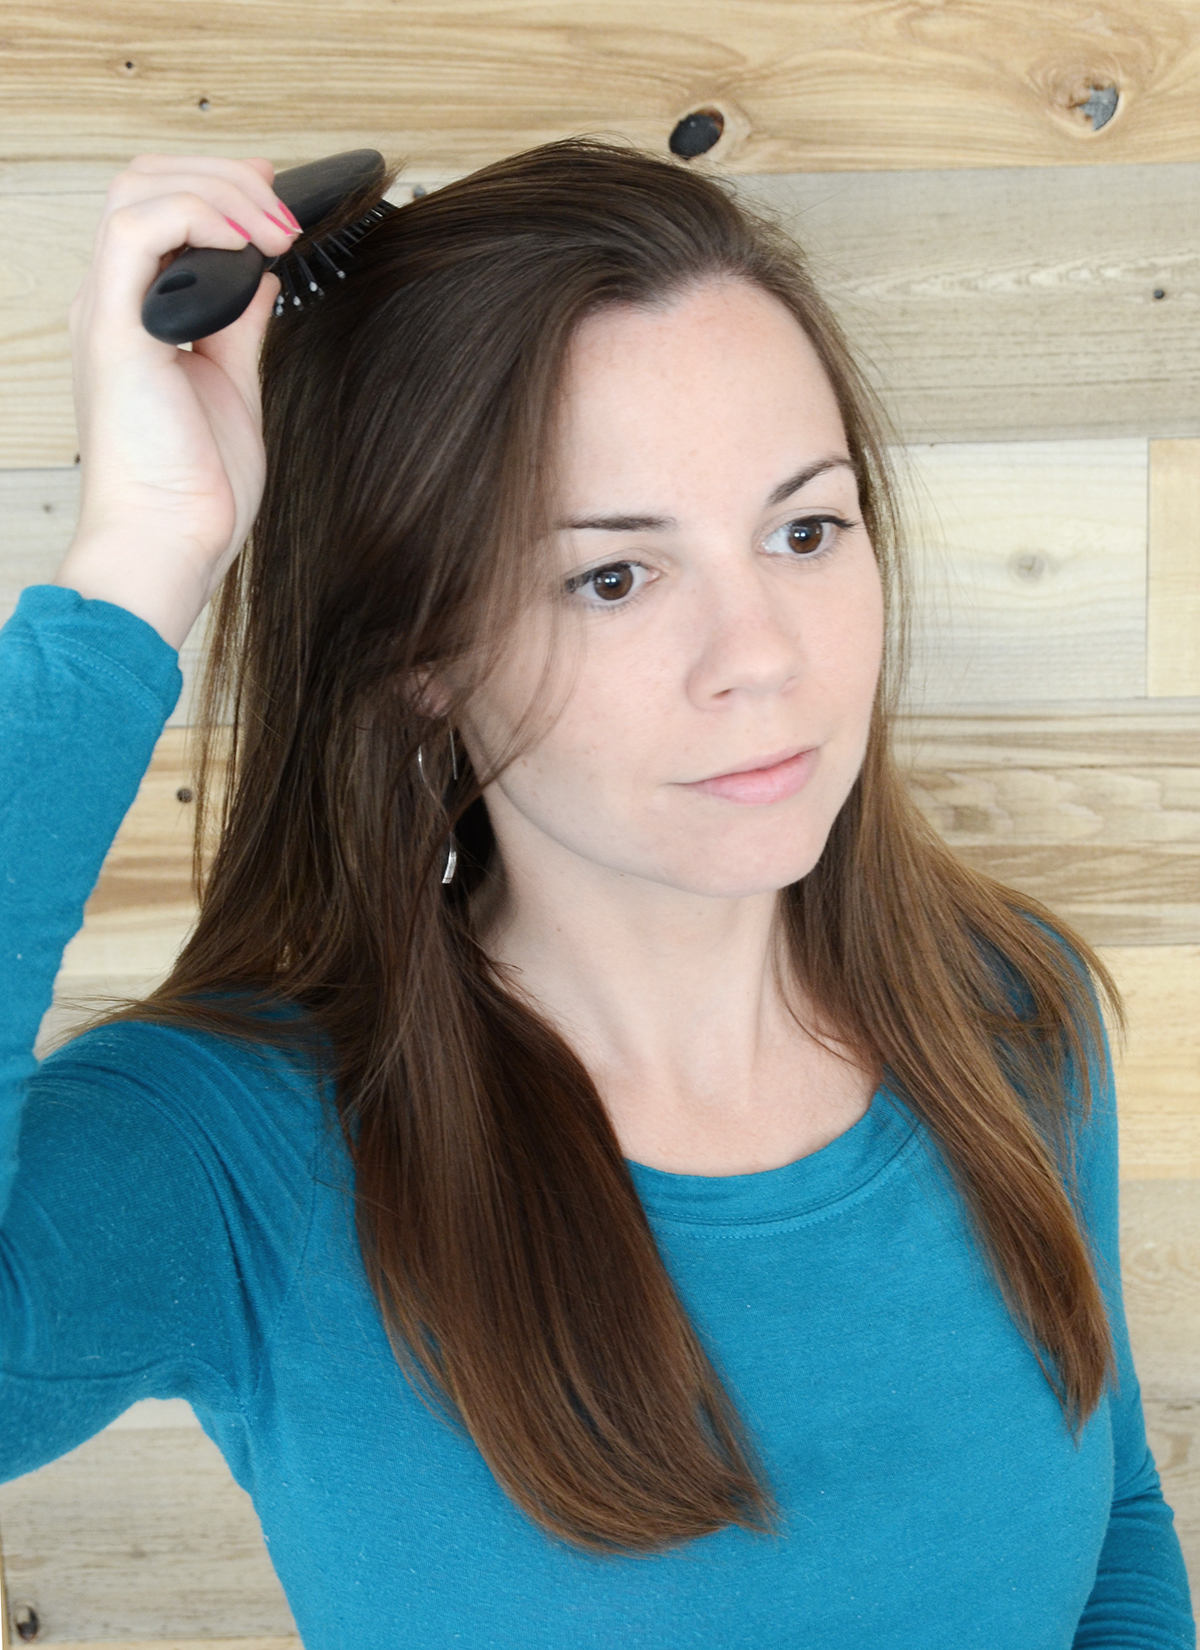 Diy natural hair moisturizer 6